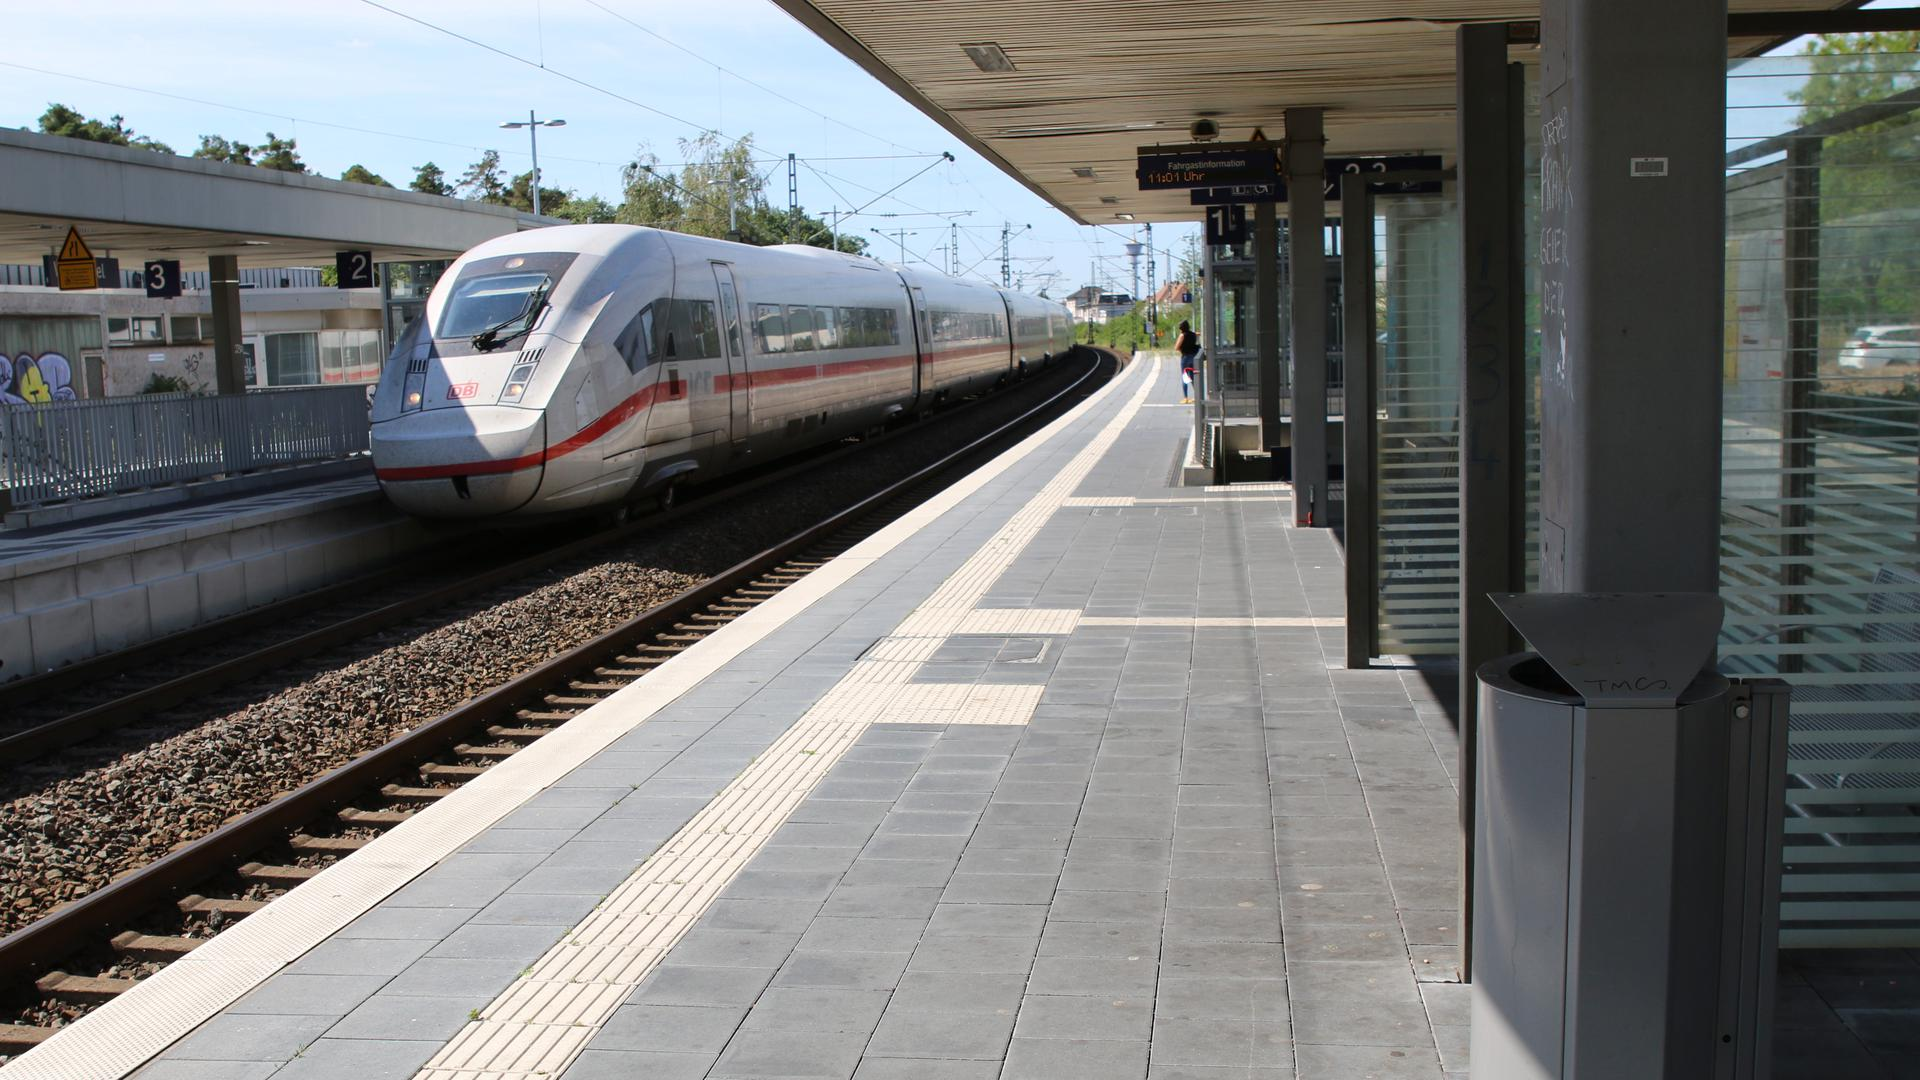 Tatort Bahnhof Waghäusel: Hier wurde Ende Juli ein Mann vom Zug erfasst und schwer verletzt. Seither läuft die Fahndung nach dem Täter.